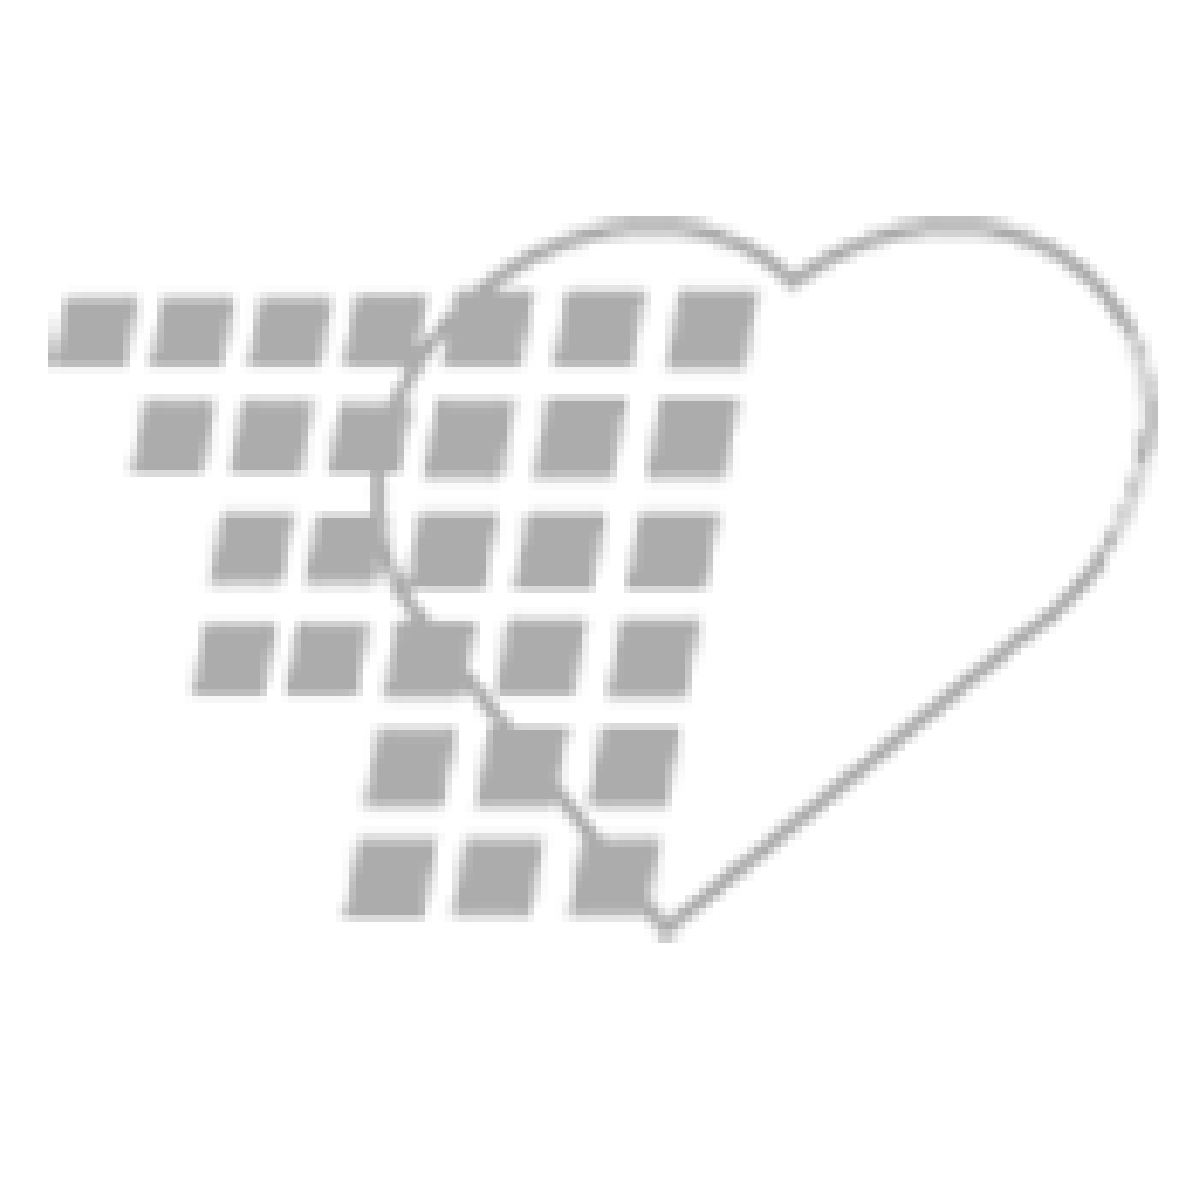 11-81-0016-BGE - SimObesityShirt   V2 - Light